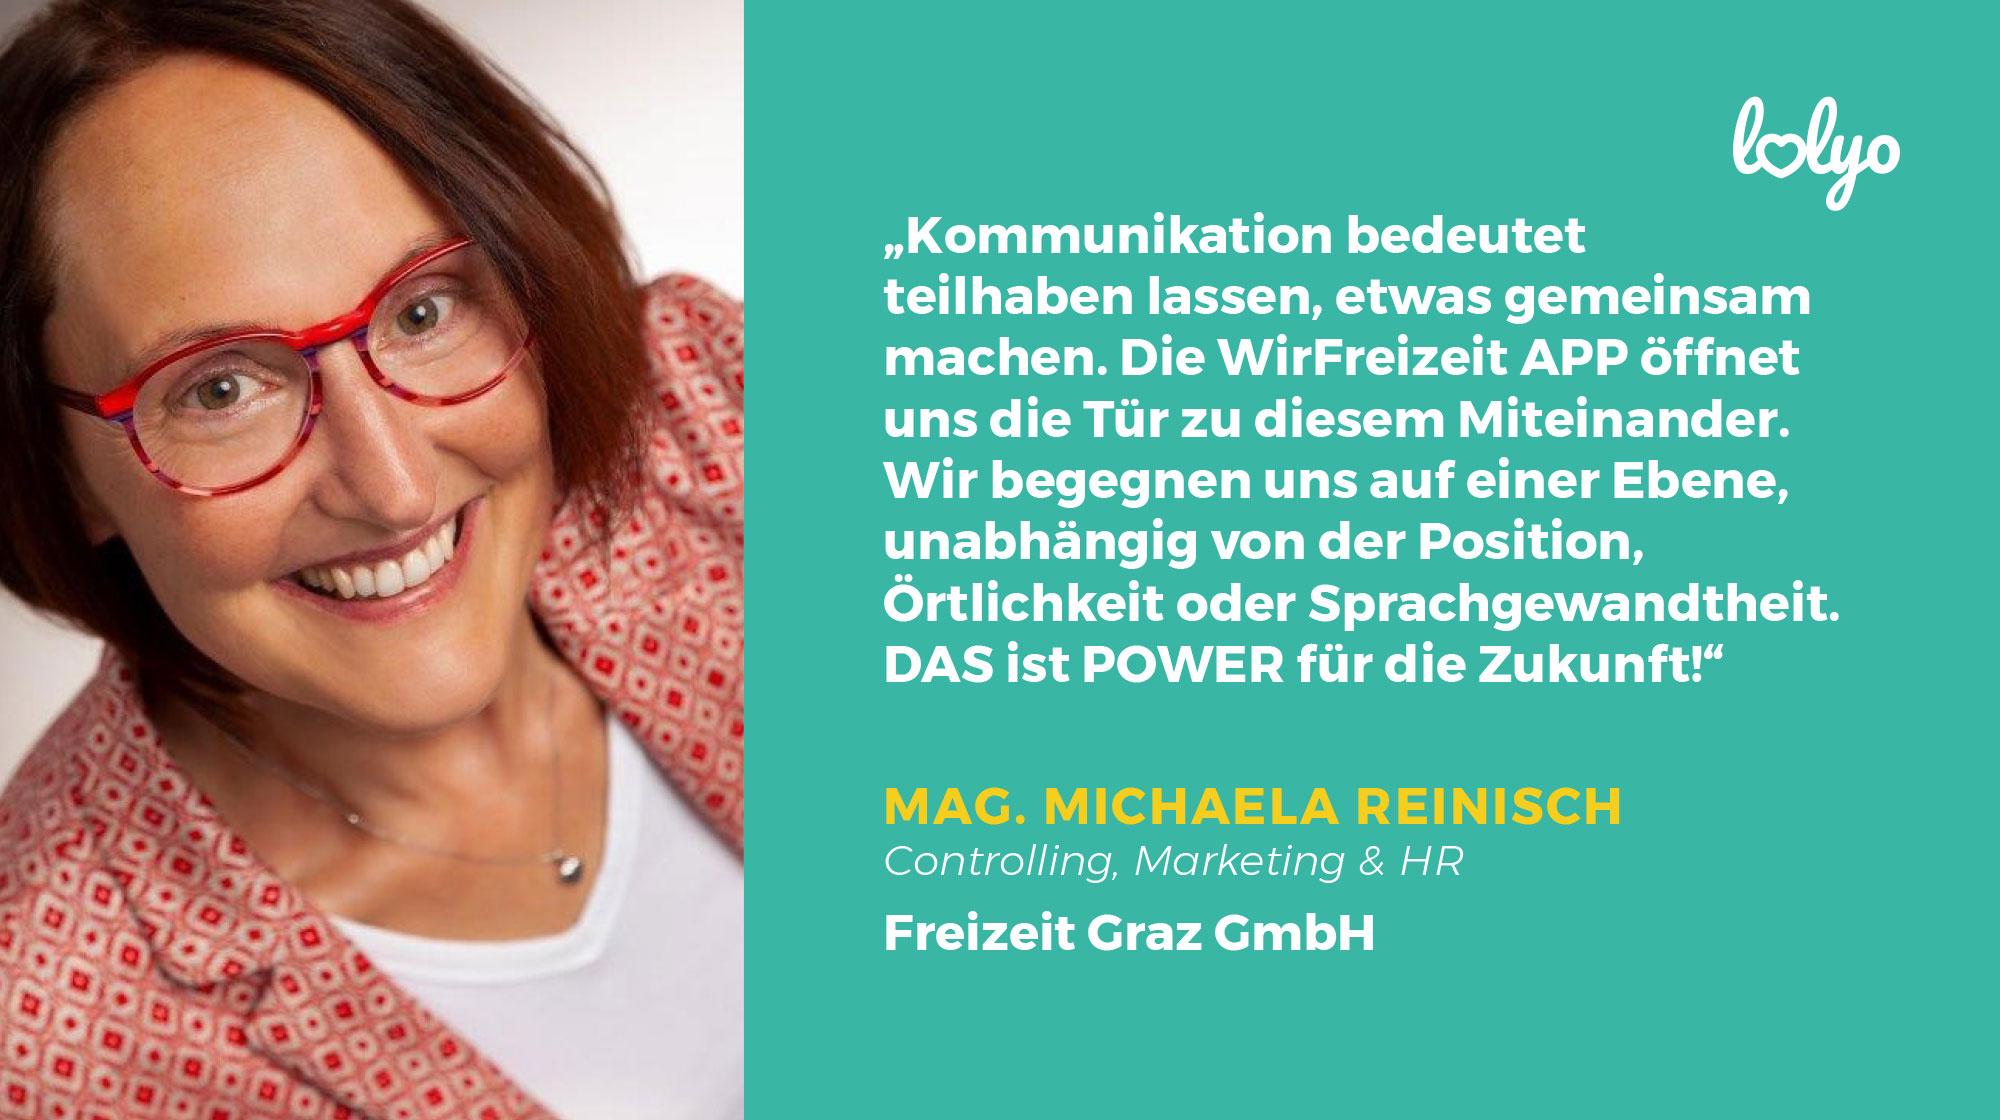 WirFerizeit Mitarbeiter-App Frau Reinisch, Freizeit Graz GmbH Bild und Zitat: